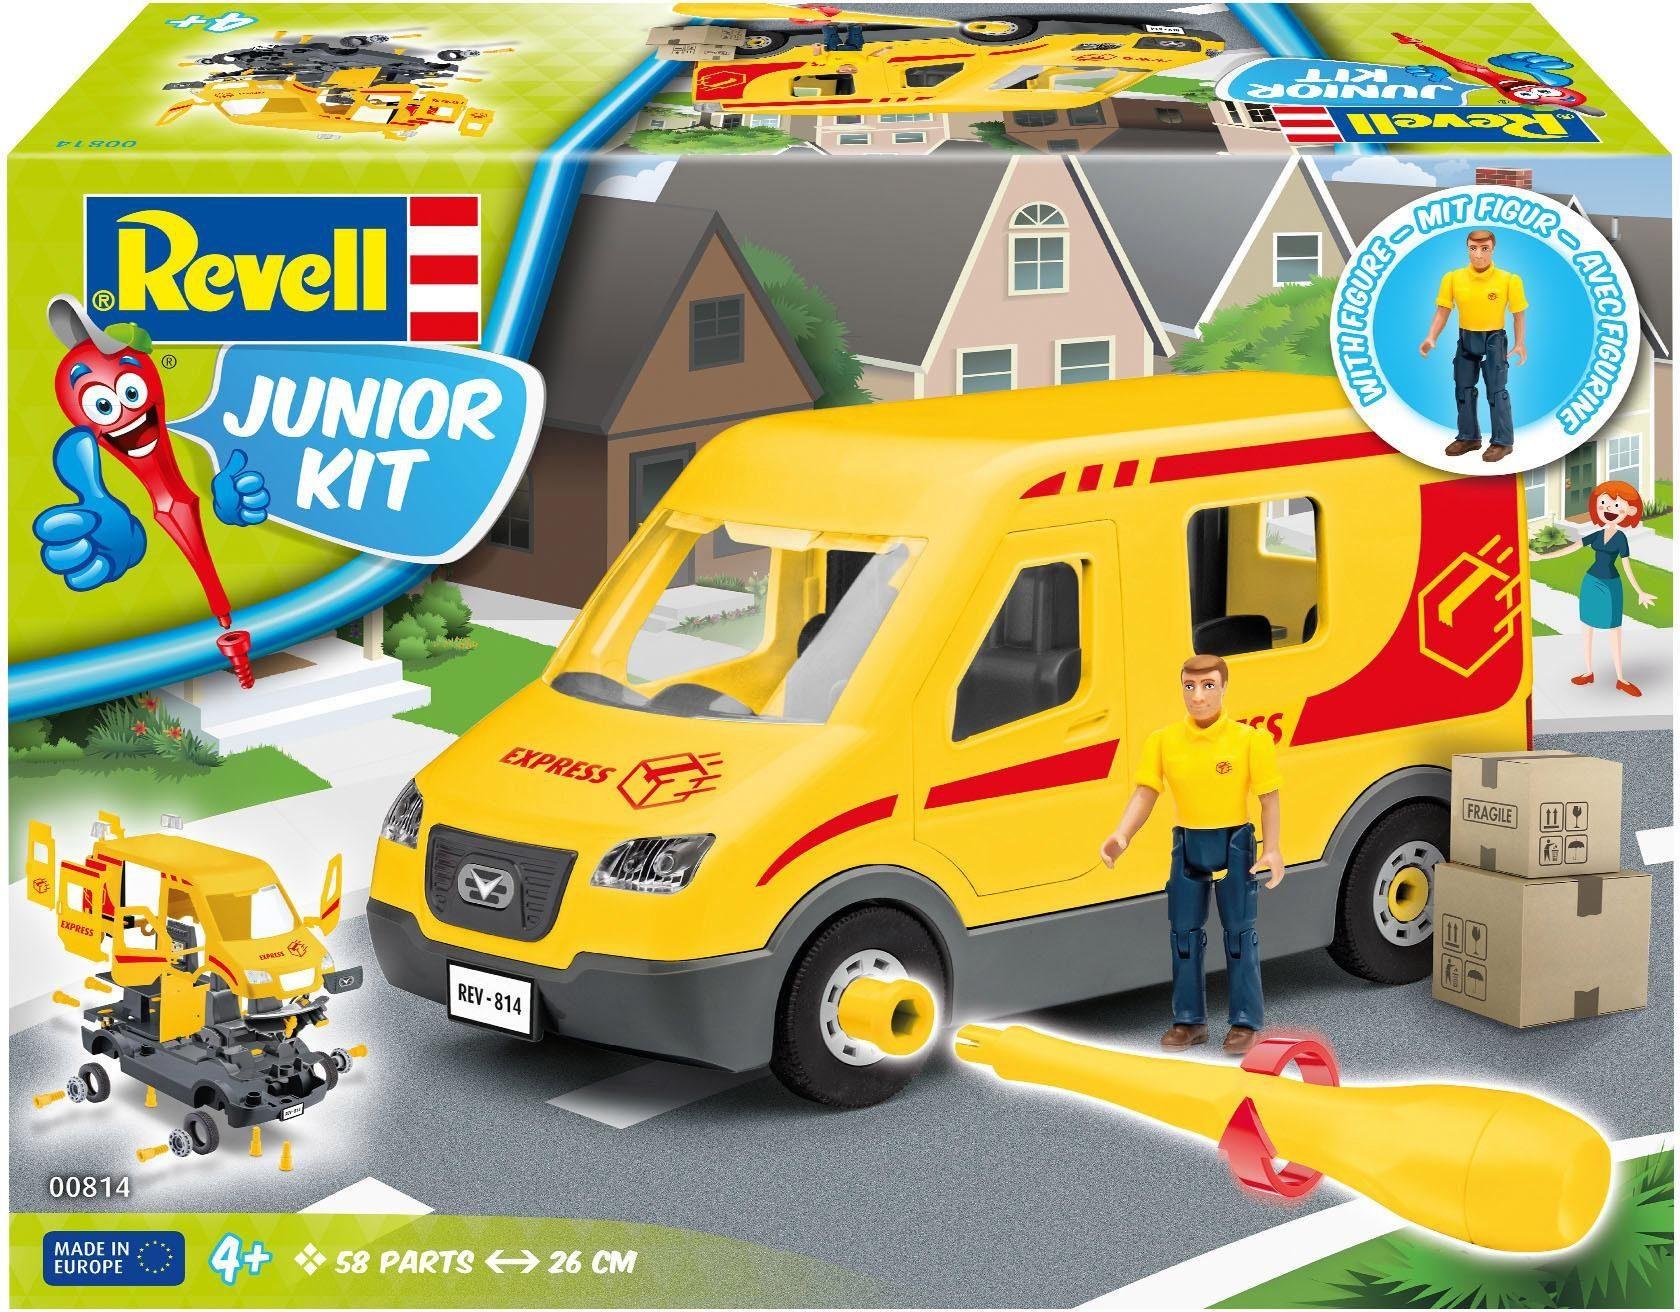 Revell Modellbausatz Auto mit Spielfigur, »Junior Kit Paketdienst-Fahrzeug«